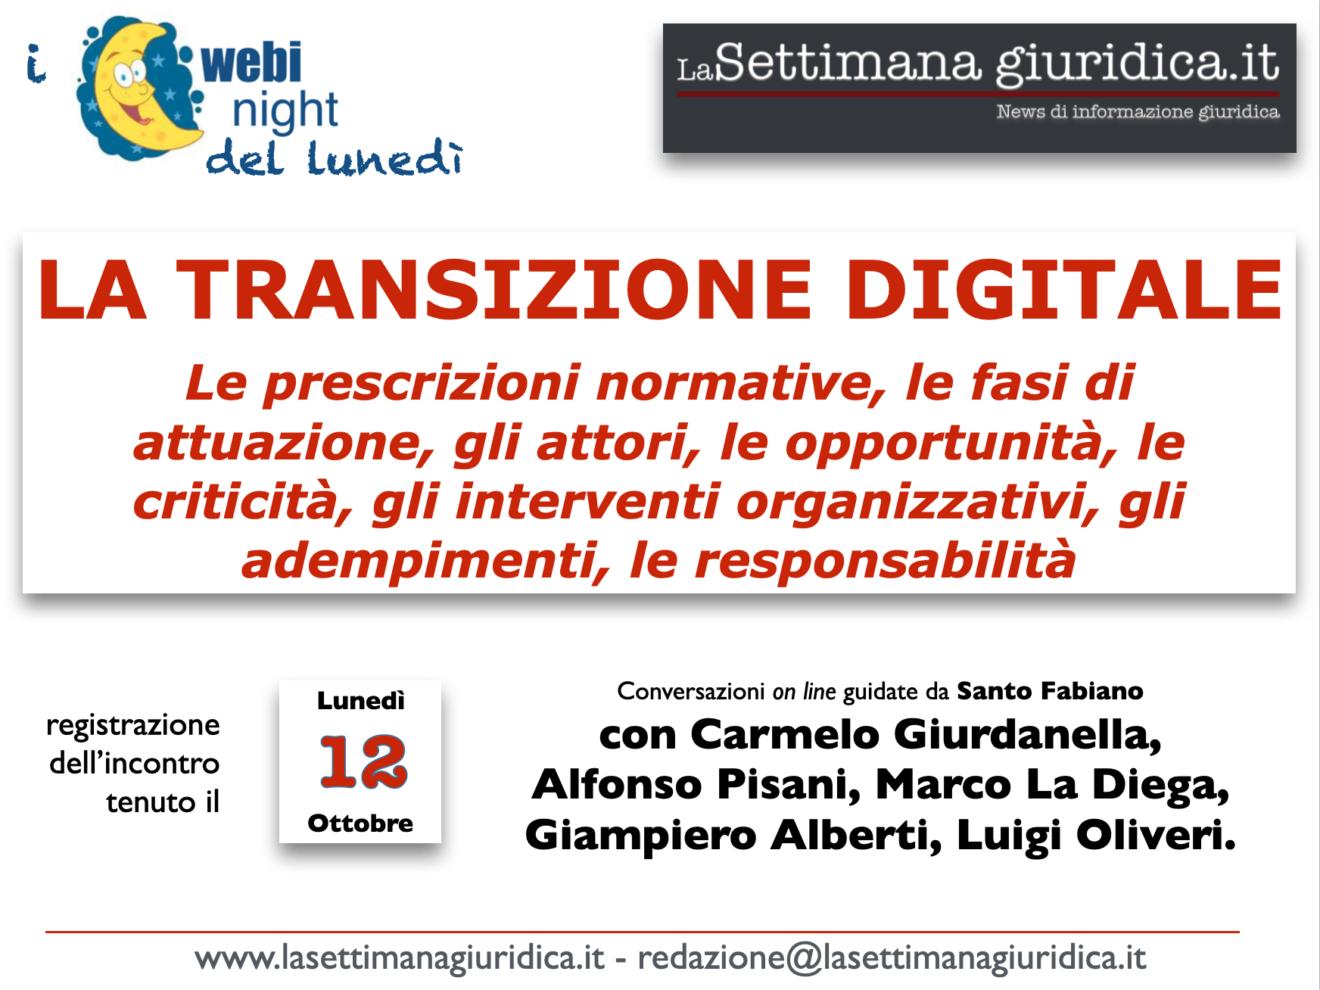 WEBYNIGHT del lunedì 12 ottobre: La transizione digitale (video e slides)